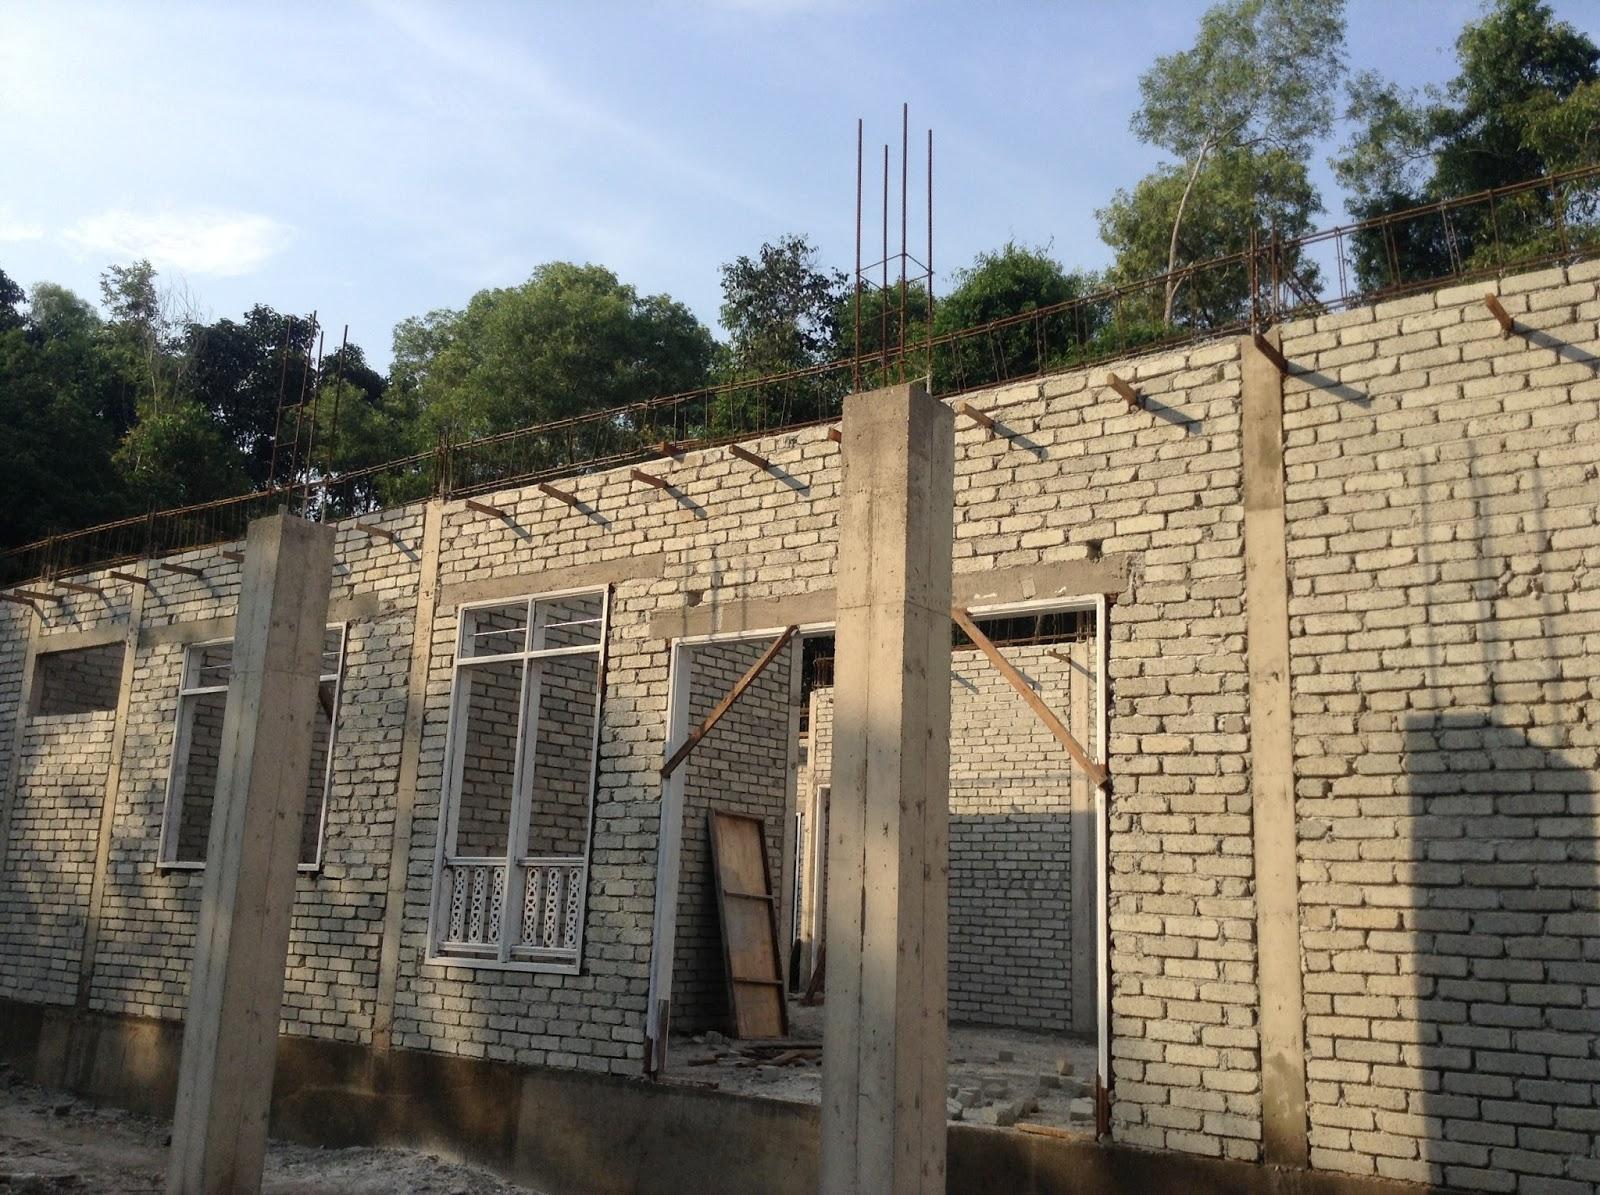 Membina Rumah Impian Kerja Kerja Membina Beam Atas Roof Beam